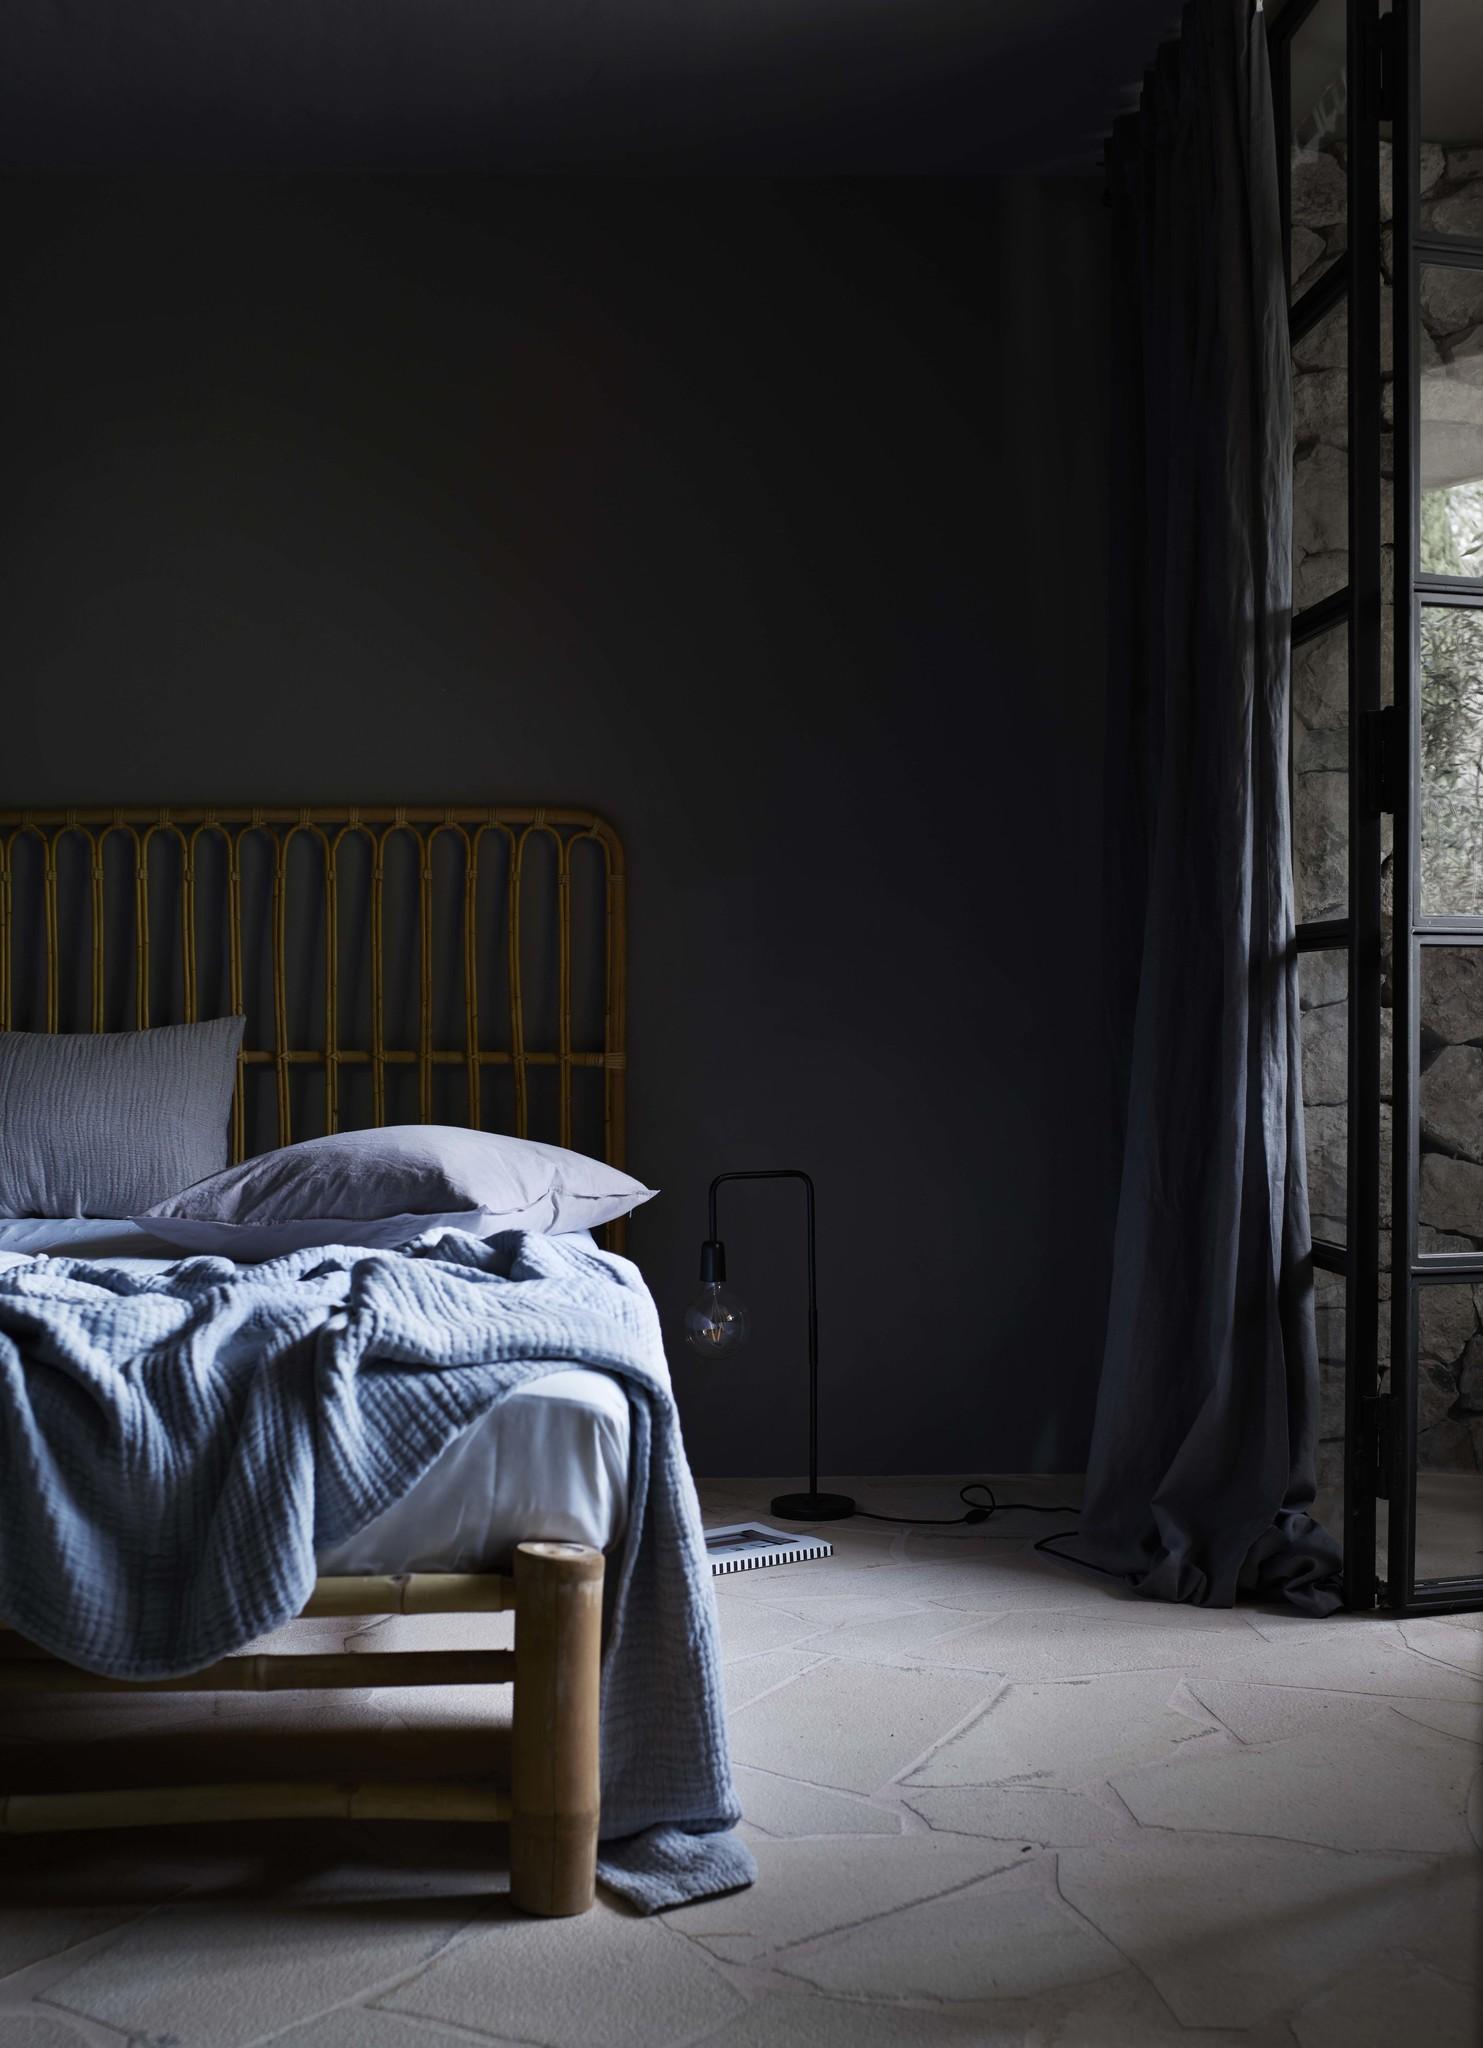 TineKHome tête de lit bohème en Rotin - Naturel - L160xH130 - Tinekhome